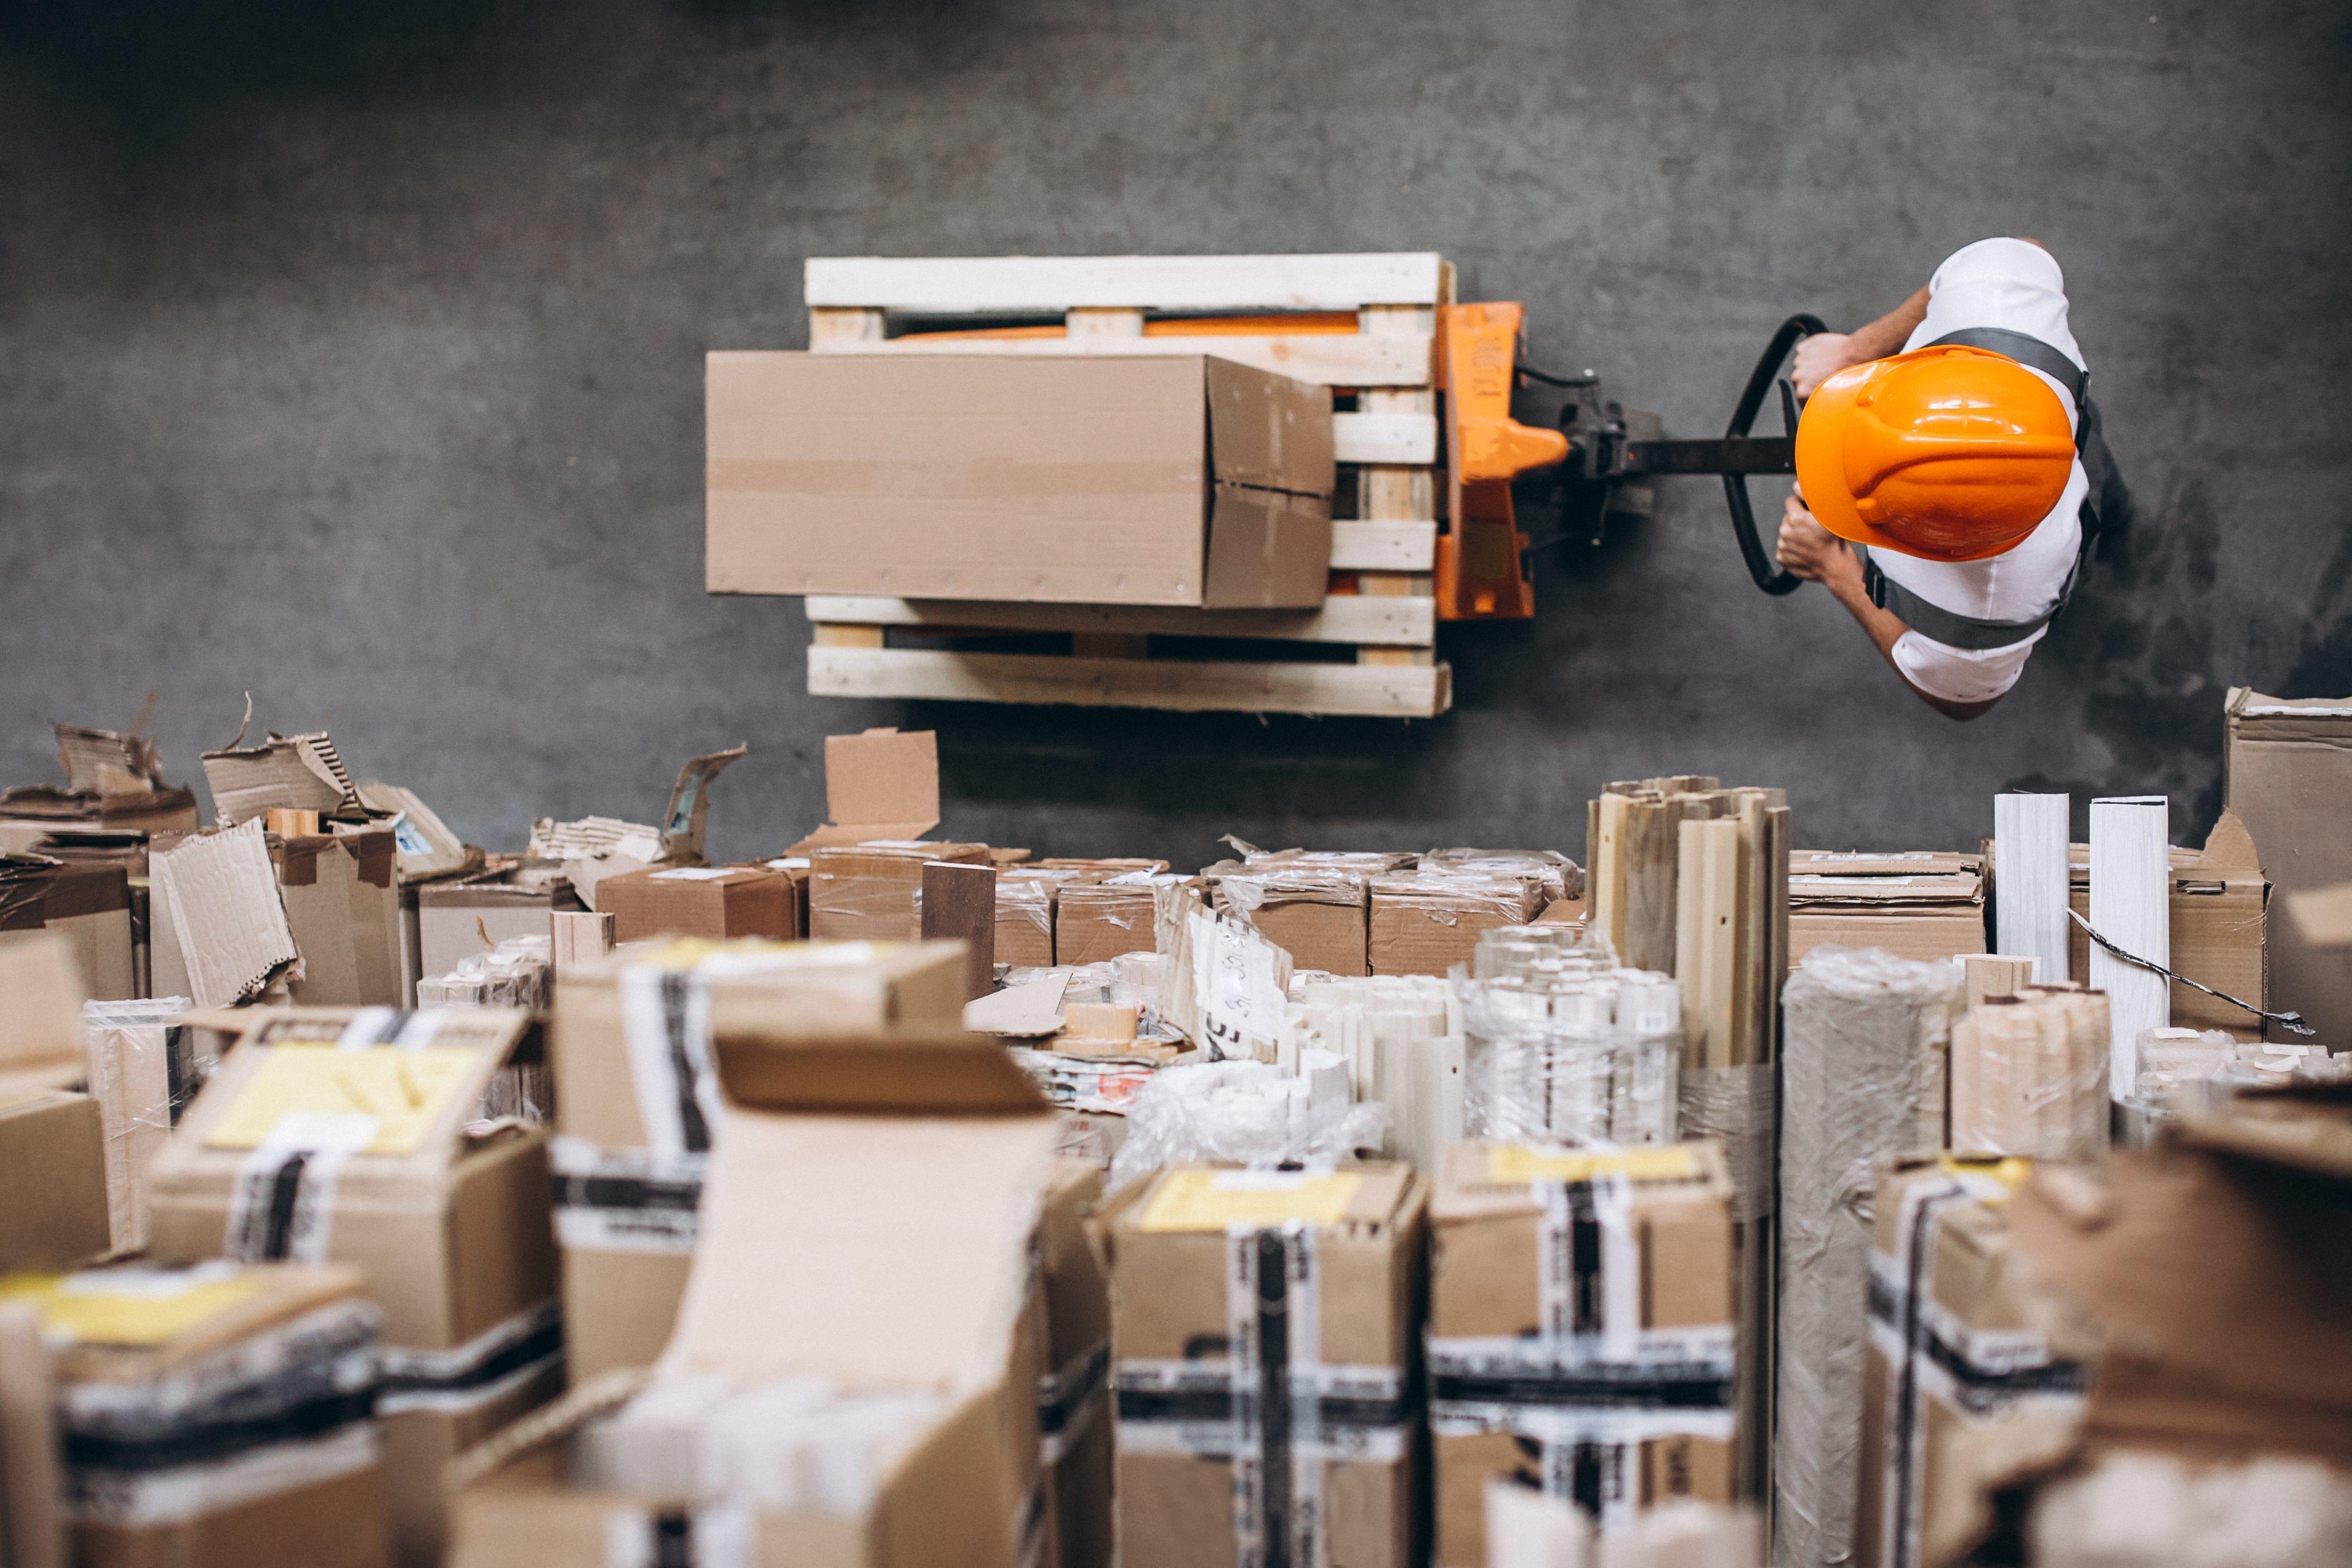 young man working warehouse with boxes - Piața spațiilor industriale și logistice din România, în competiția dezvoltării cu marii campioni regionali